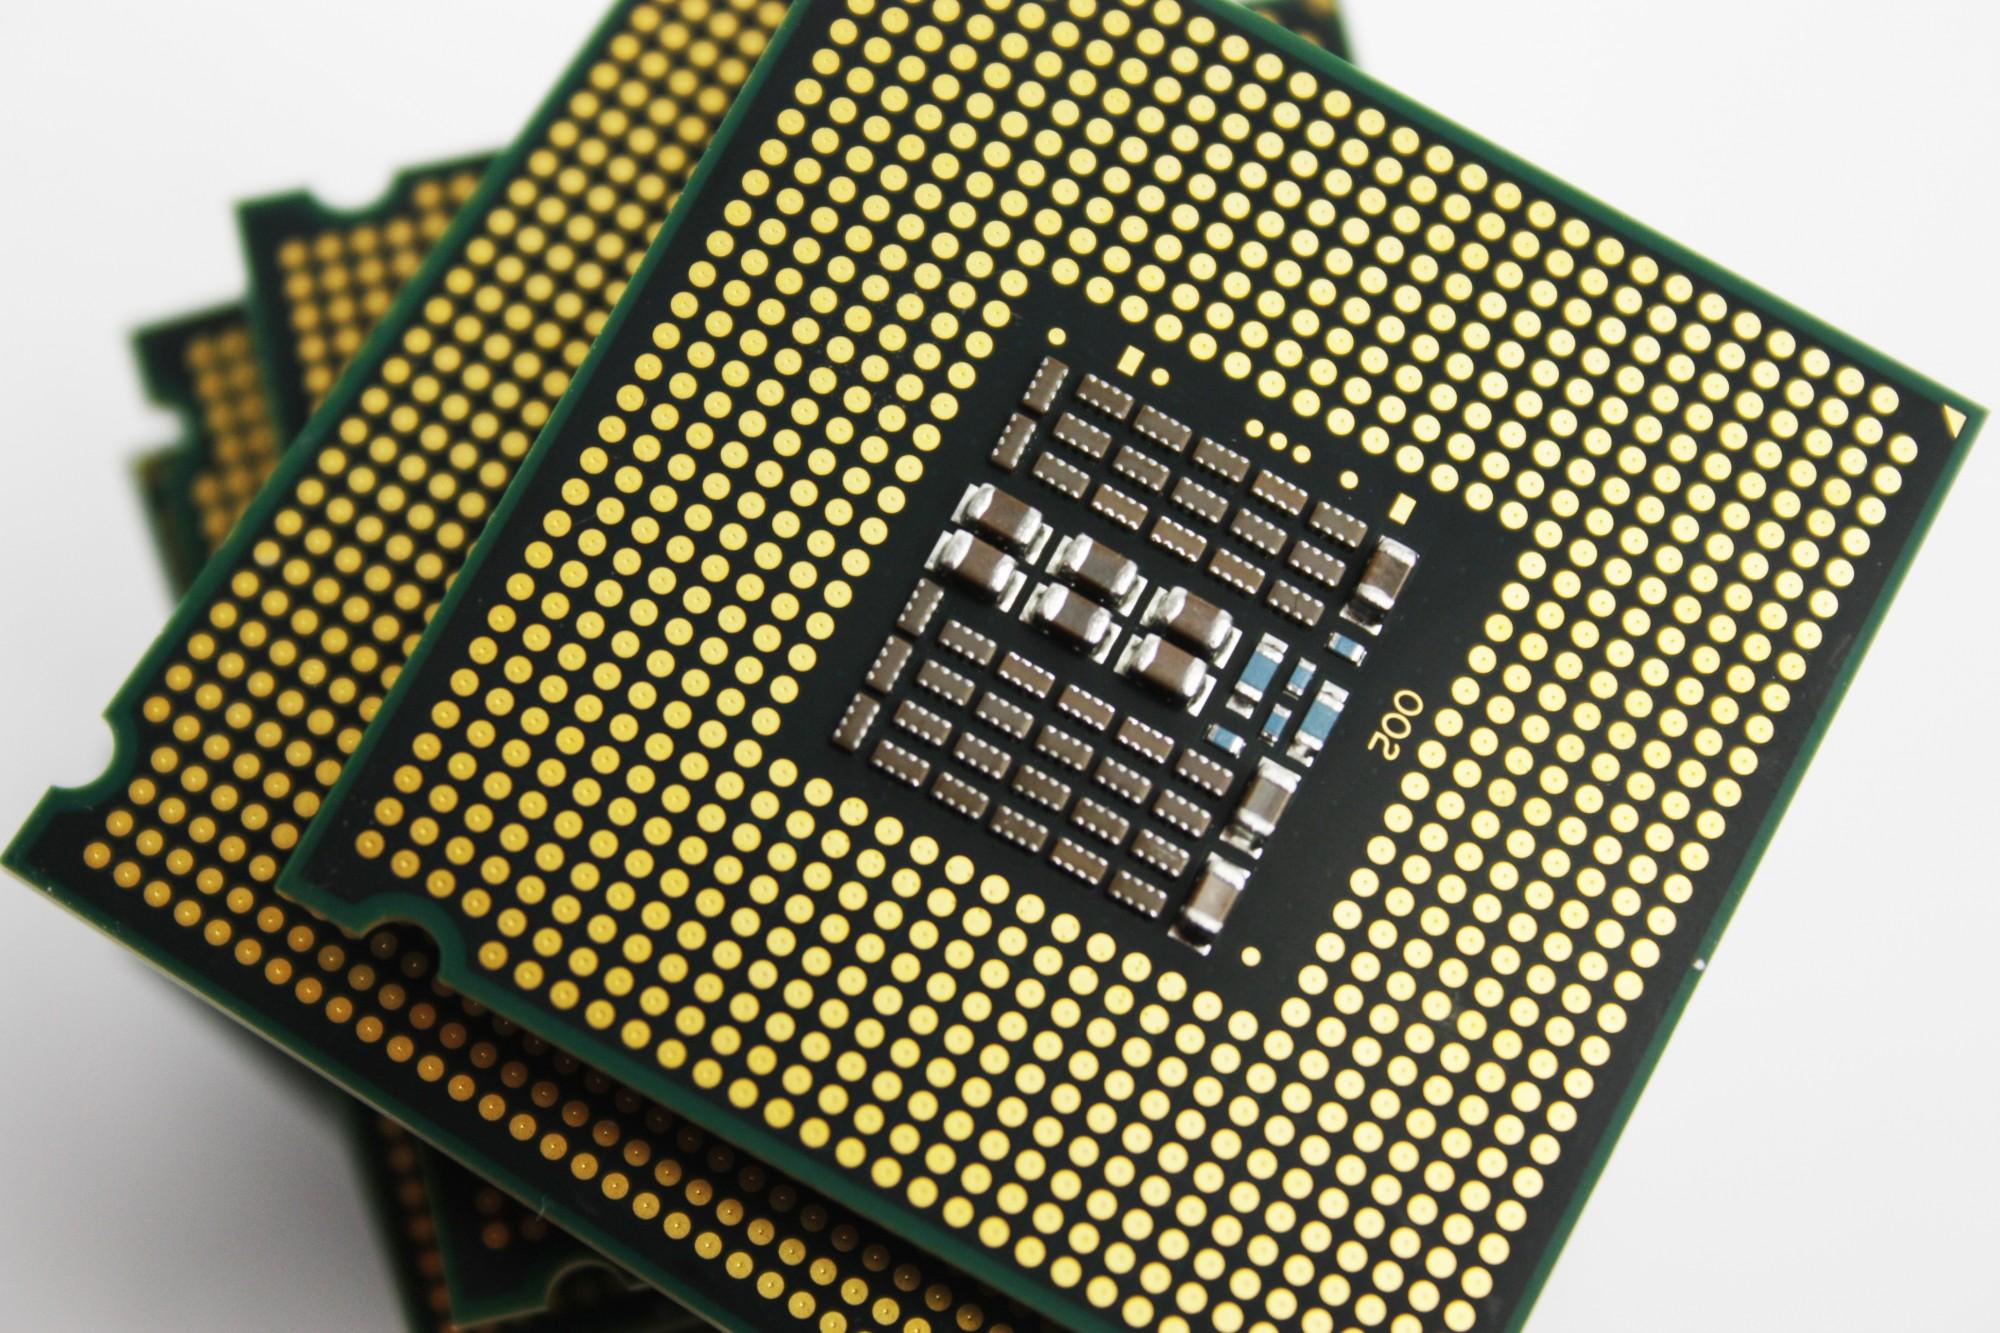 mac-pro-multi-core-processor-1-e1418658722889